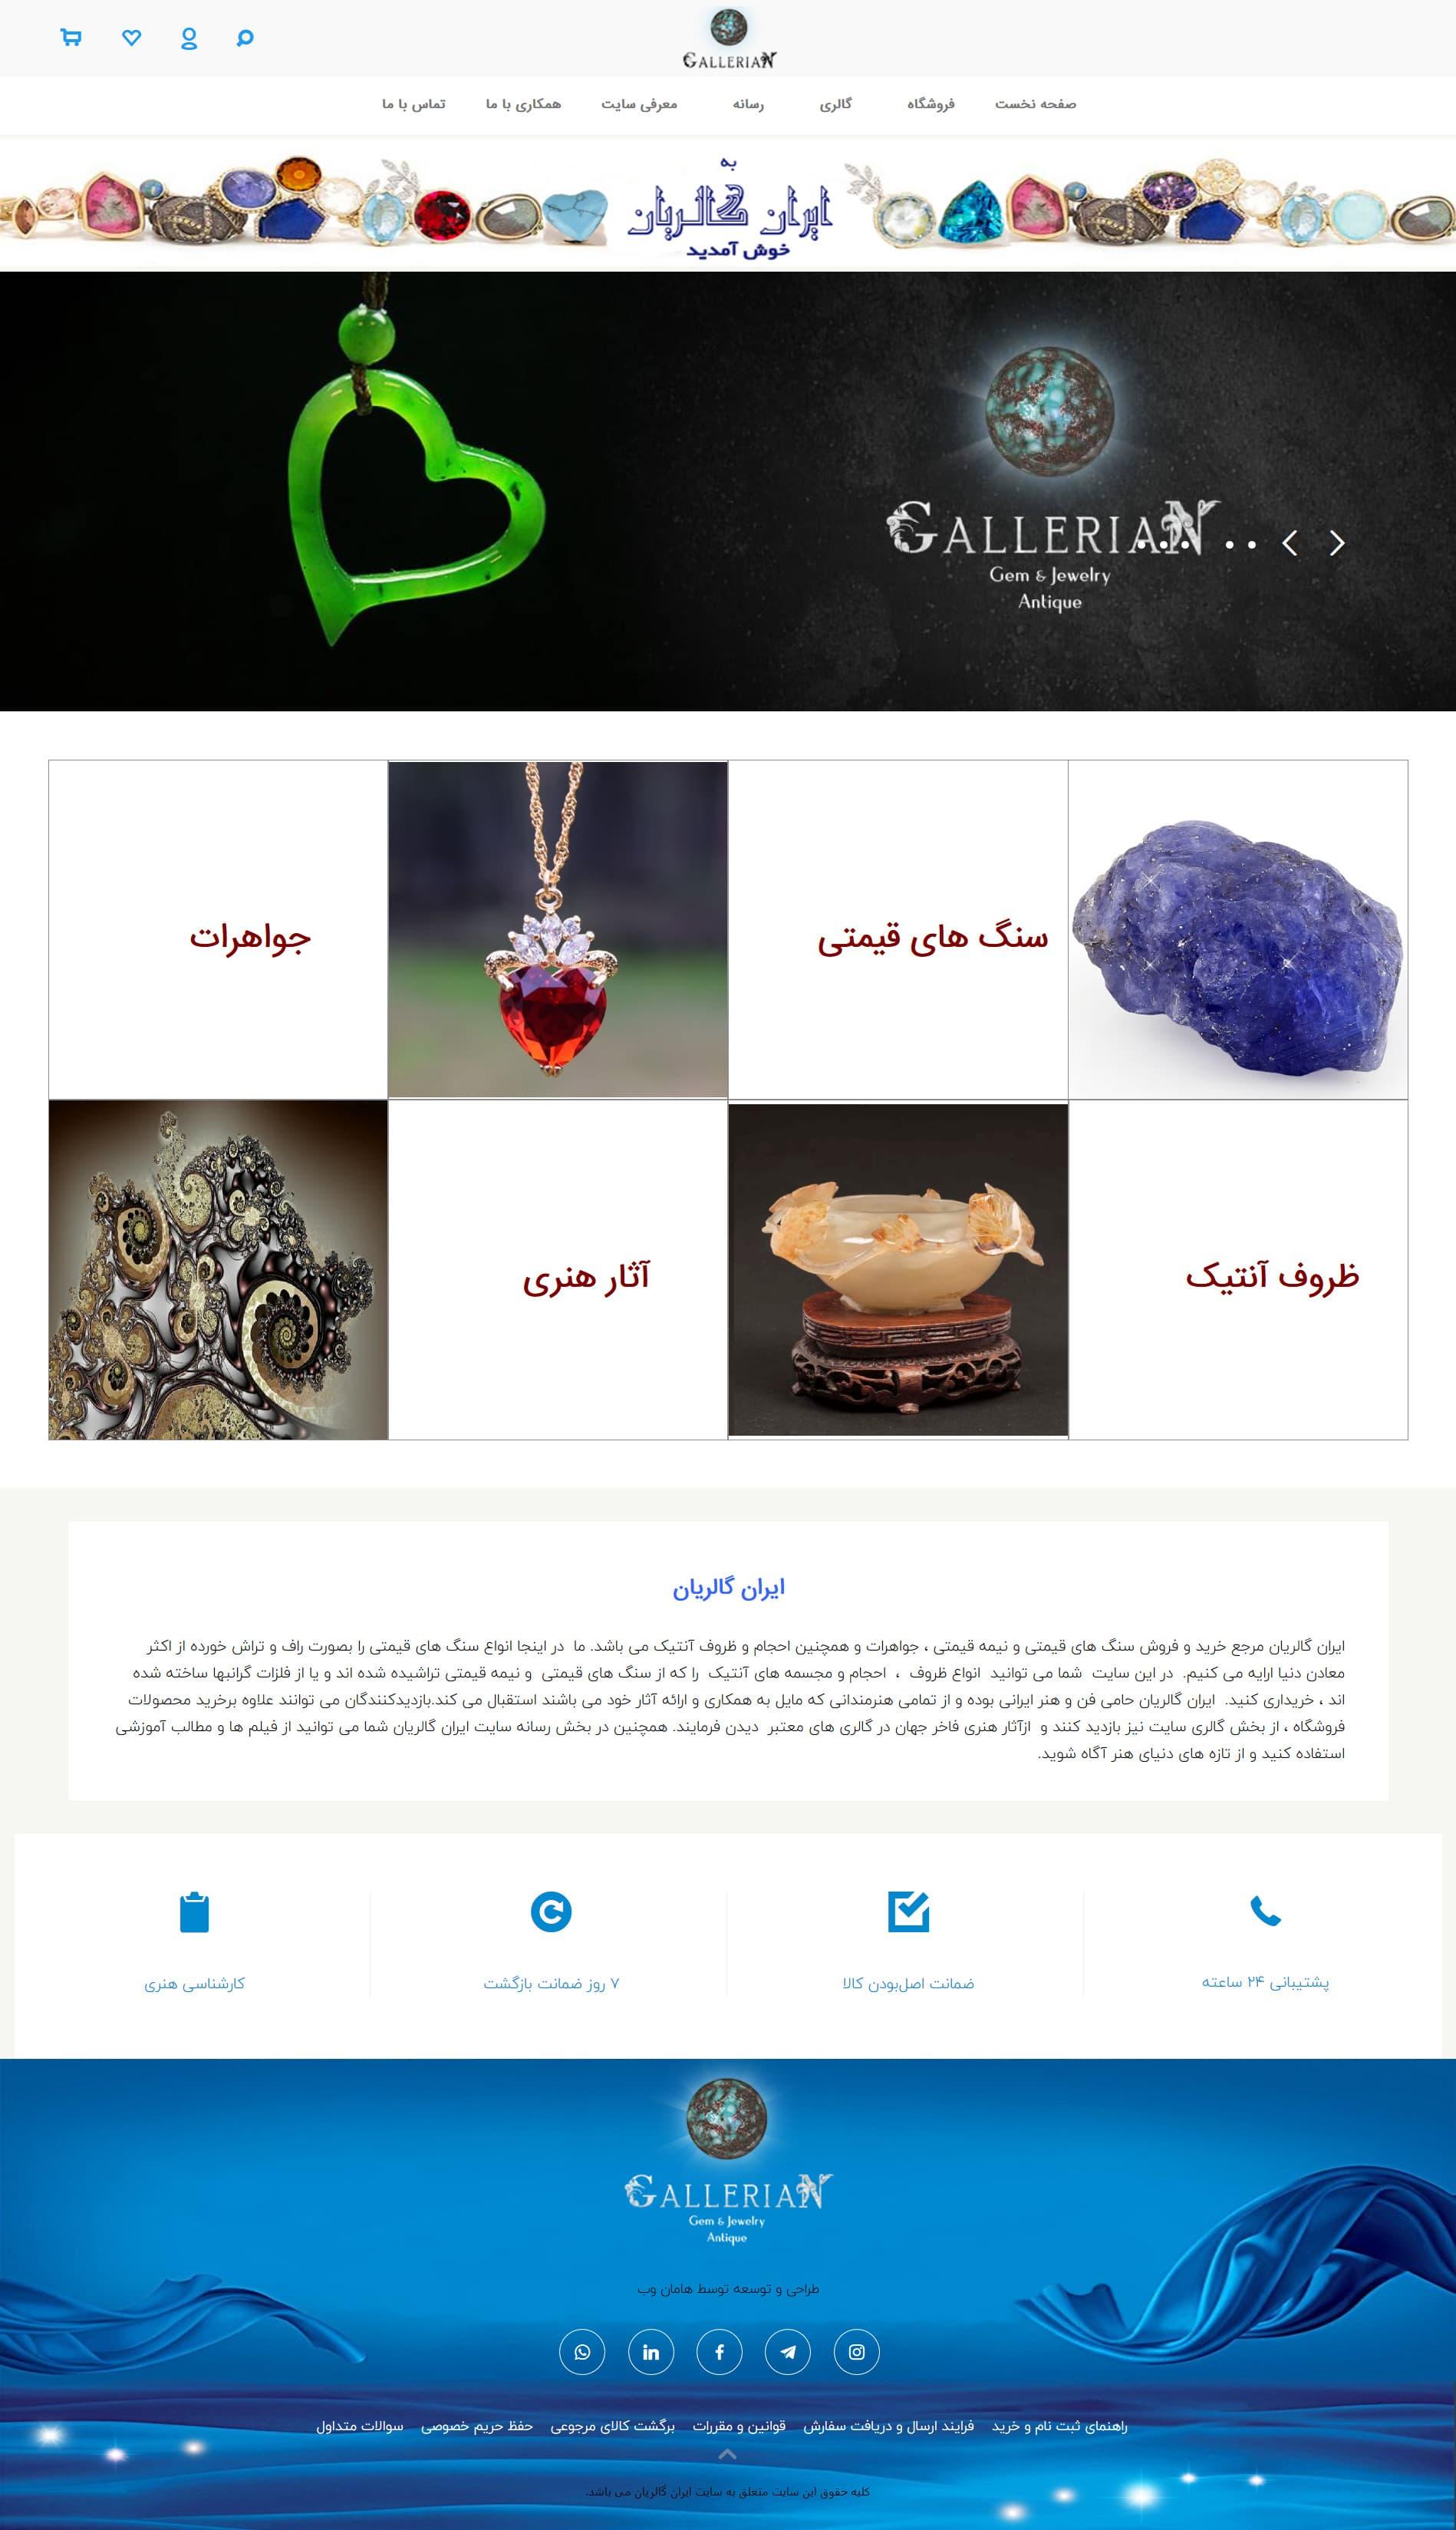 فروشگاه اینترنتی ایران گالریان